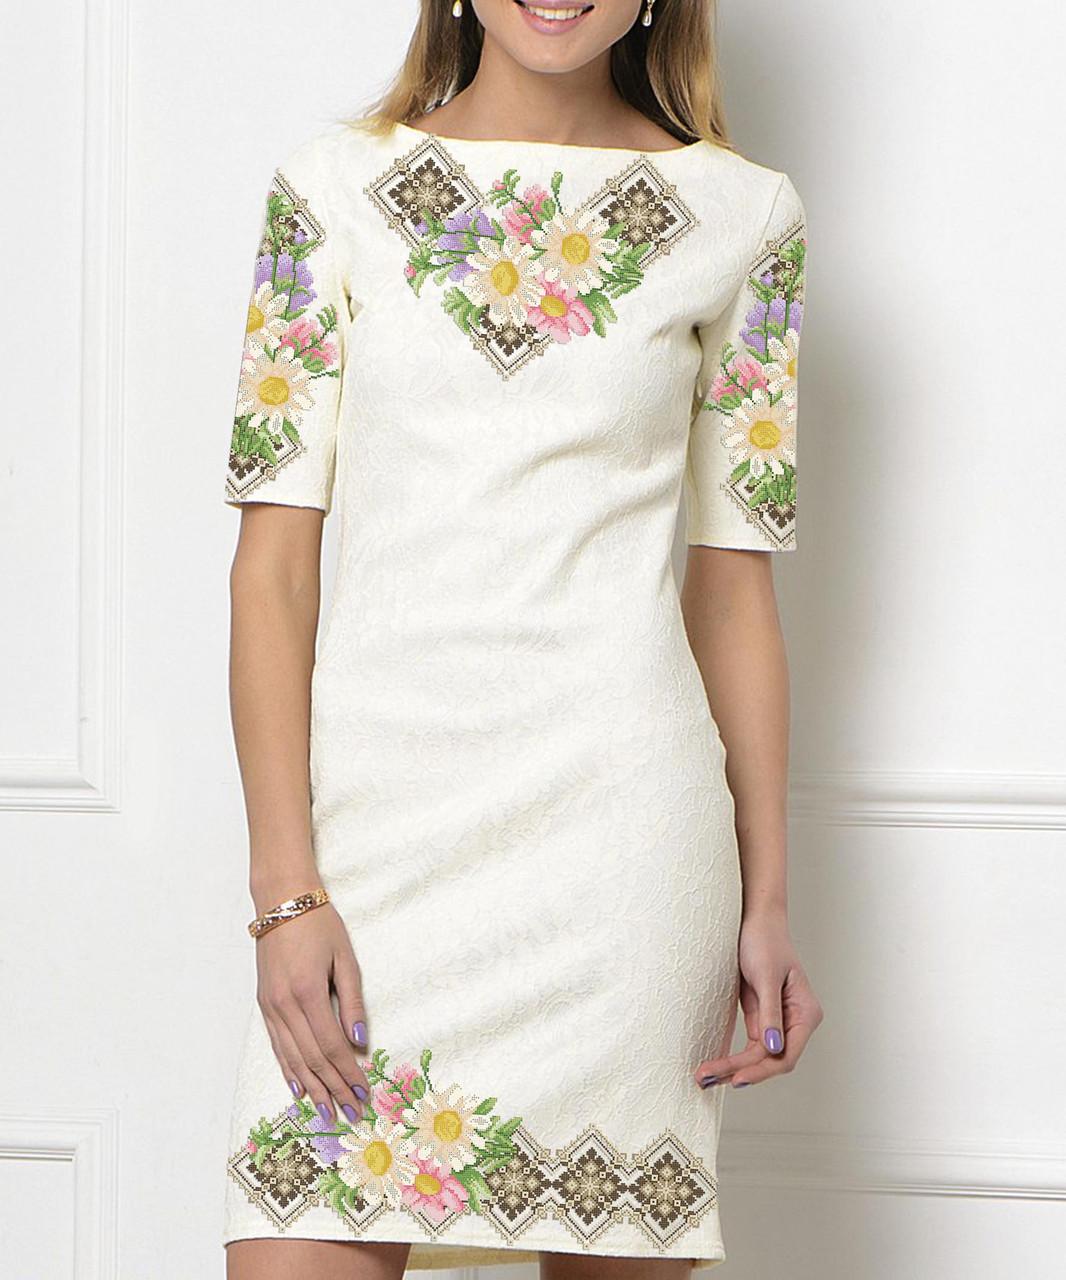 Заготовка женского платья для вышивки / вышивания бисером / ниткой «Ромашки в коричневому орнаменті»